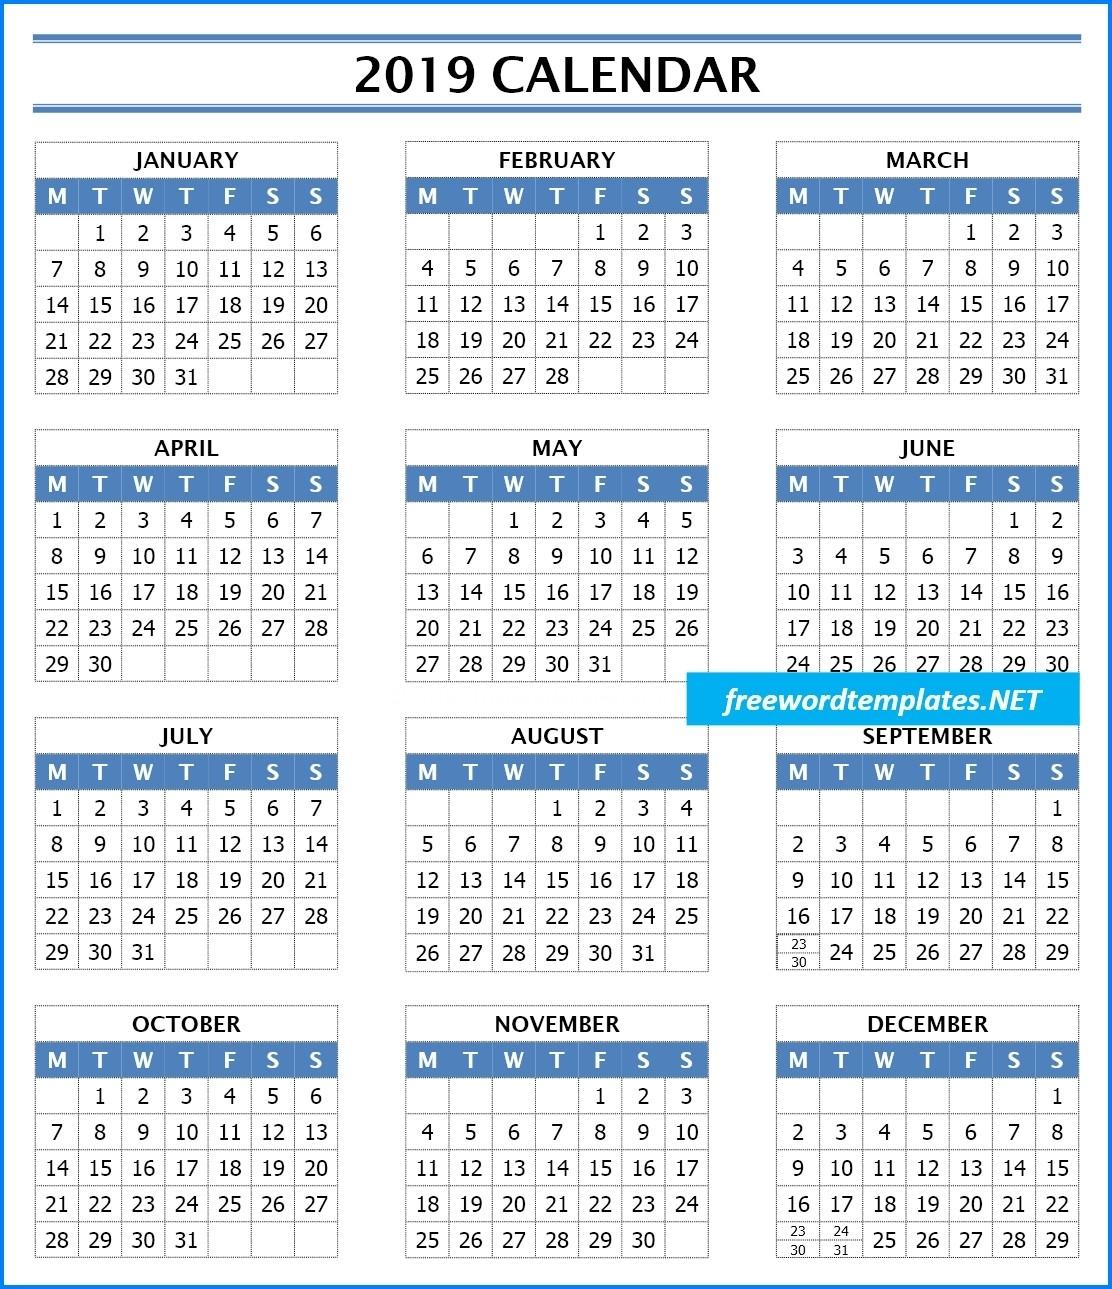 2019 Calendar Templates | Freewordtemplates